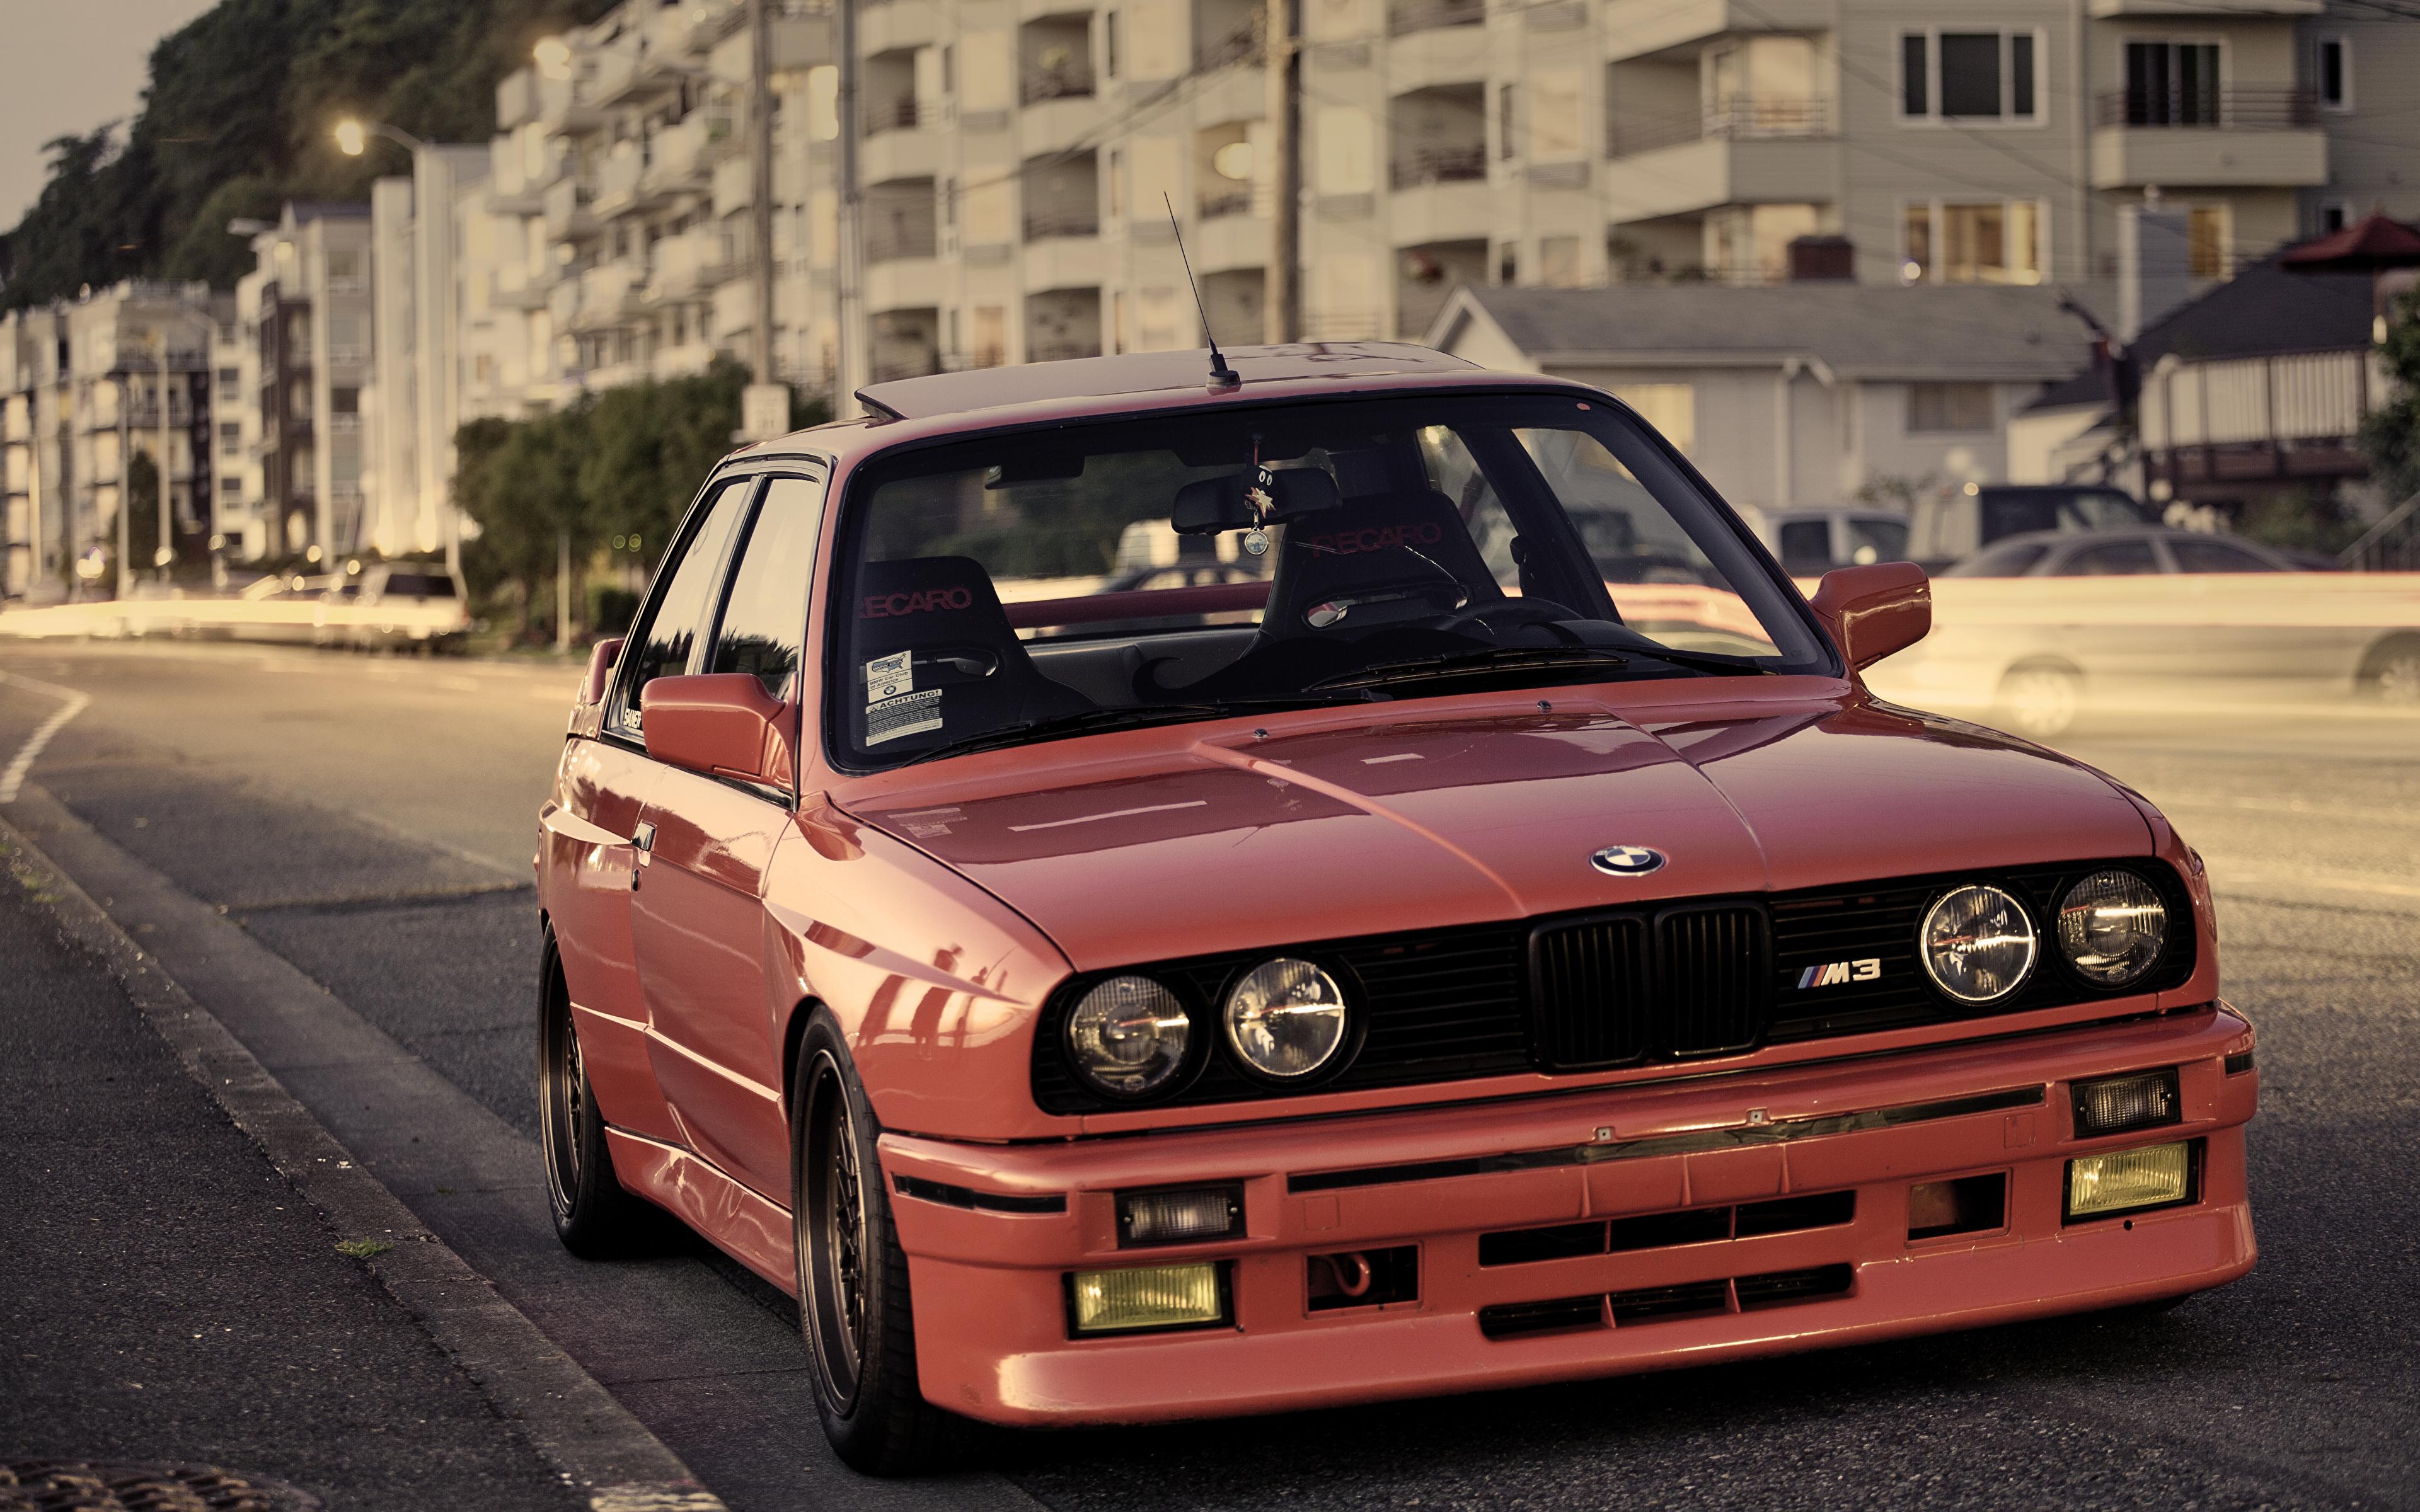 Фотография БМВ M3 E30 красных Фары Спереди автомобиль 3840x2400 BMW красная красные Красный фар авто машины машина Автомобили